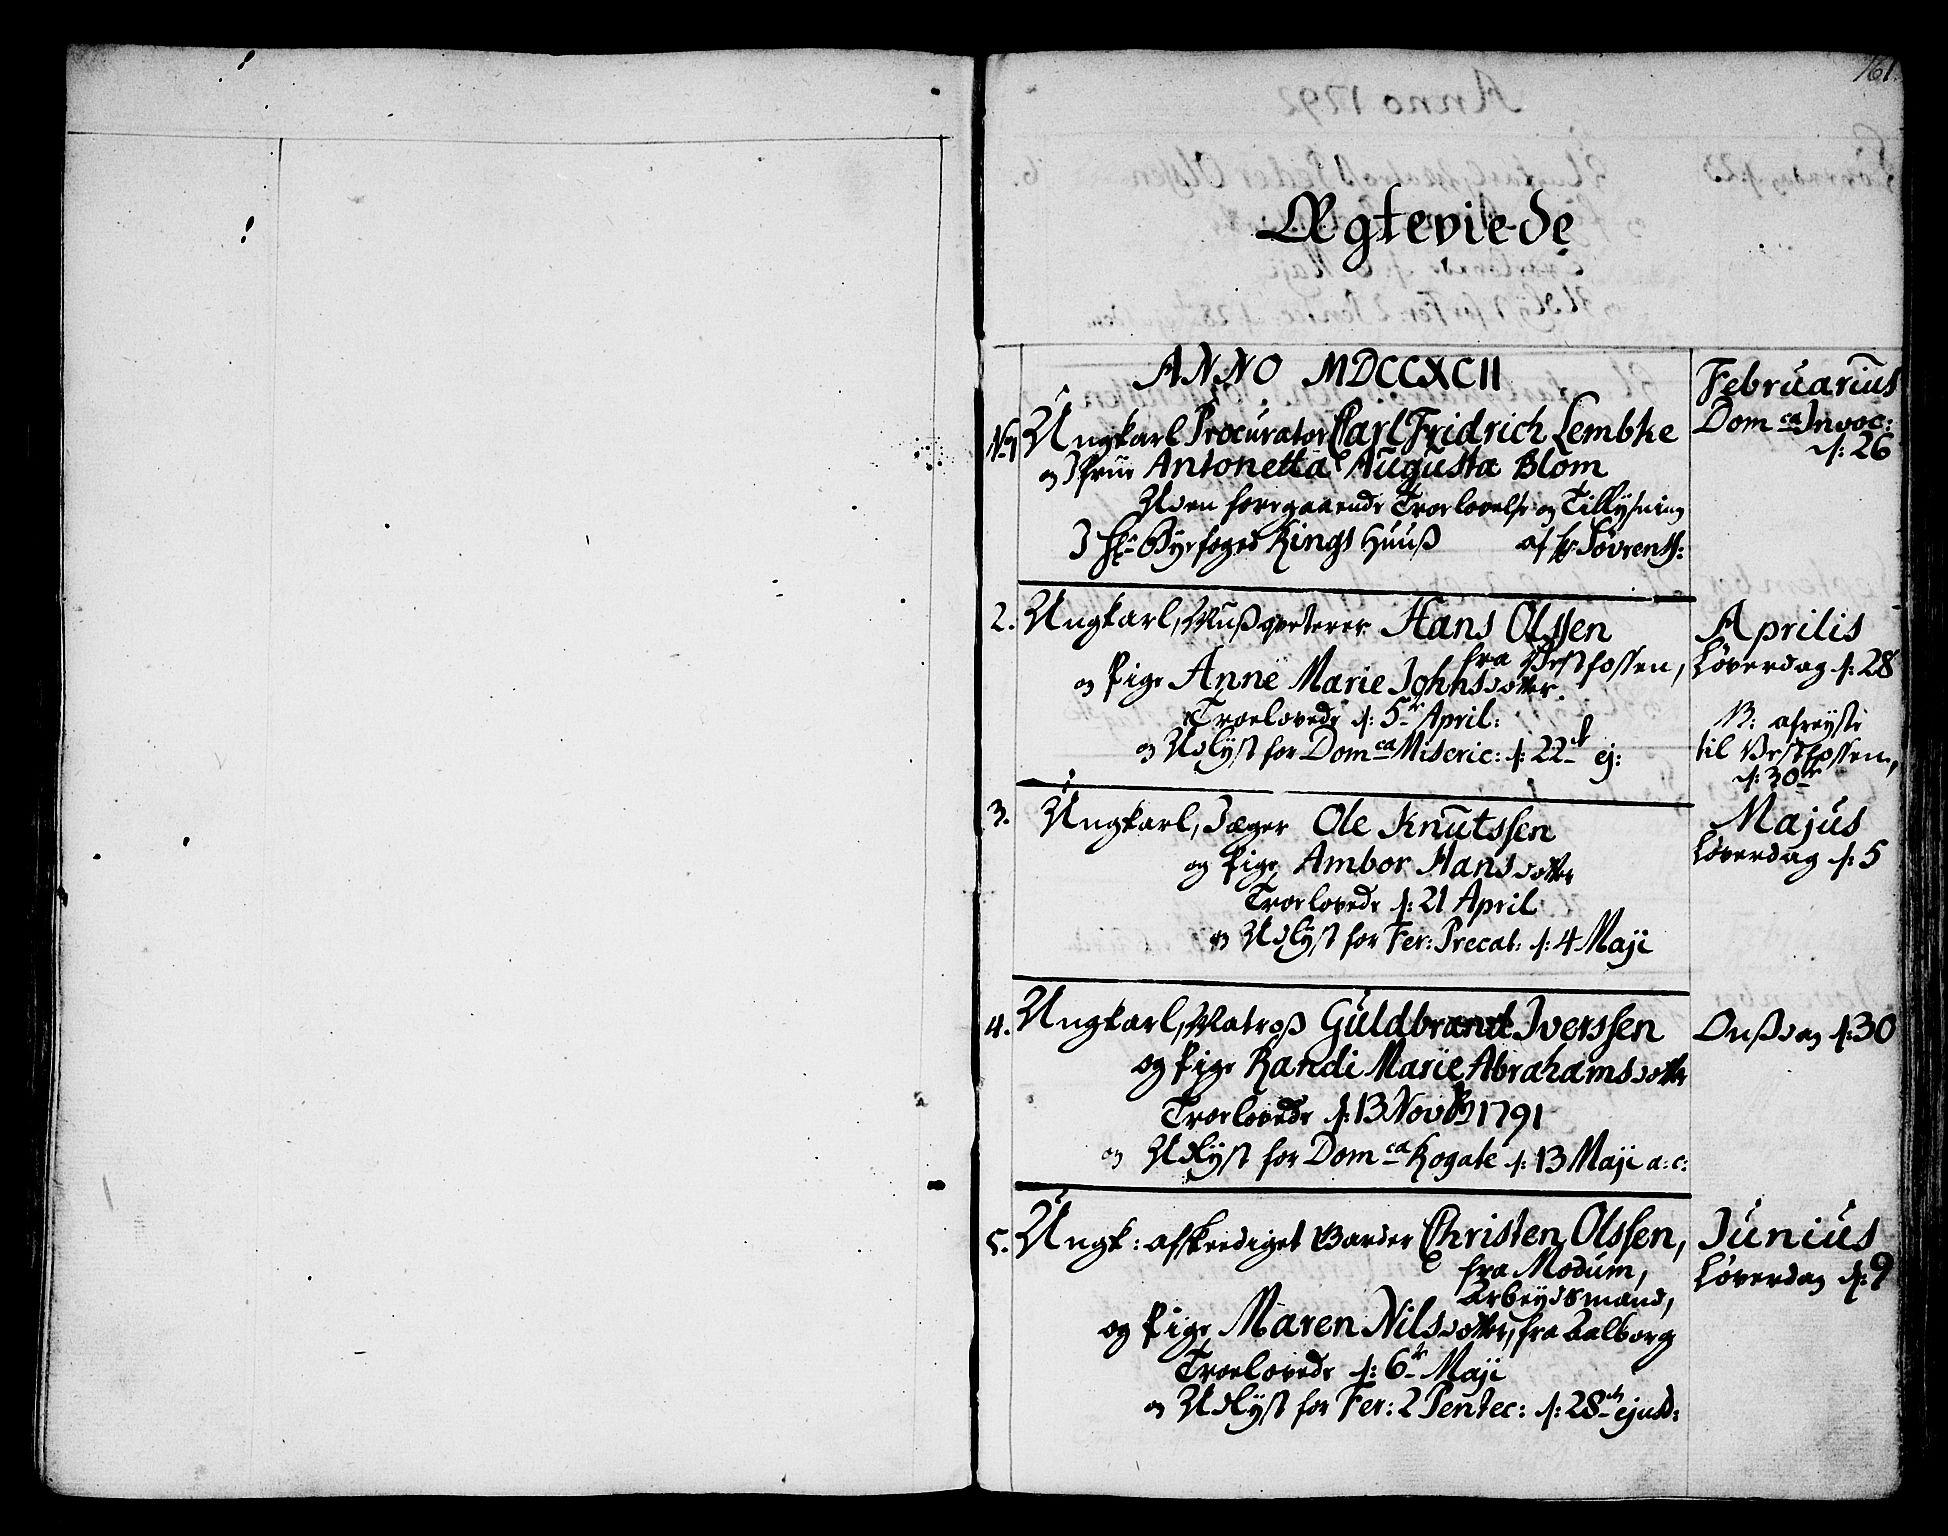 SAKO, Strømsø kirkebøker, F/Fa/L0010: Ministerialbok nr. I 10, 1792-1822, s. 161